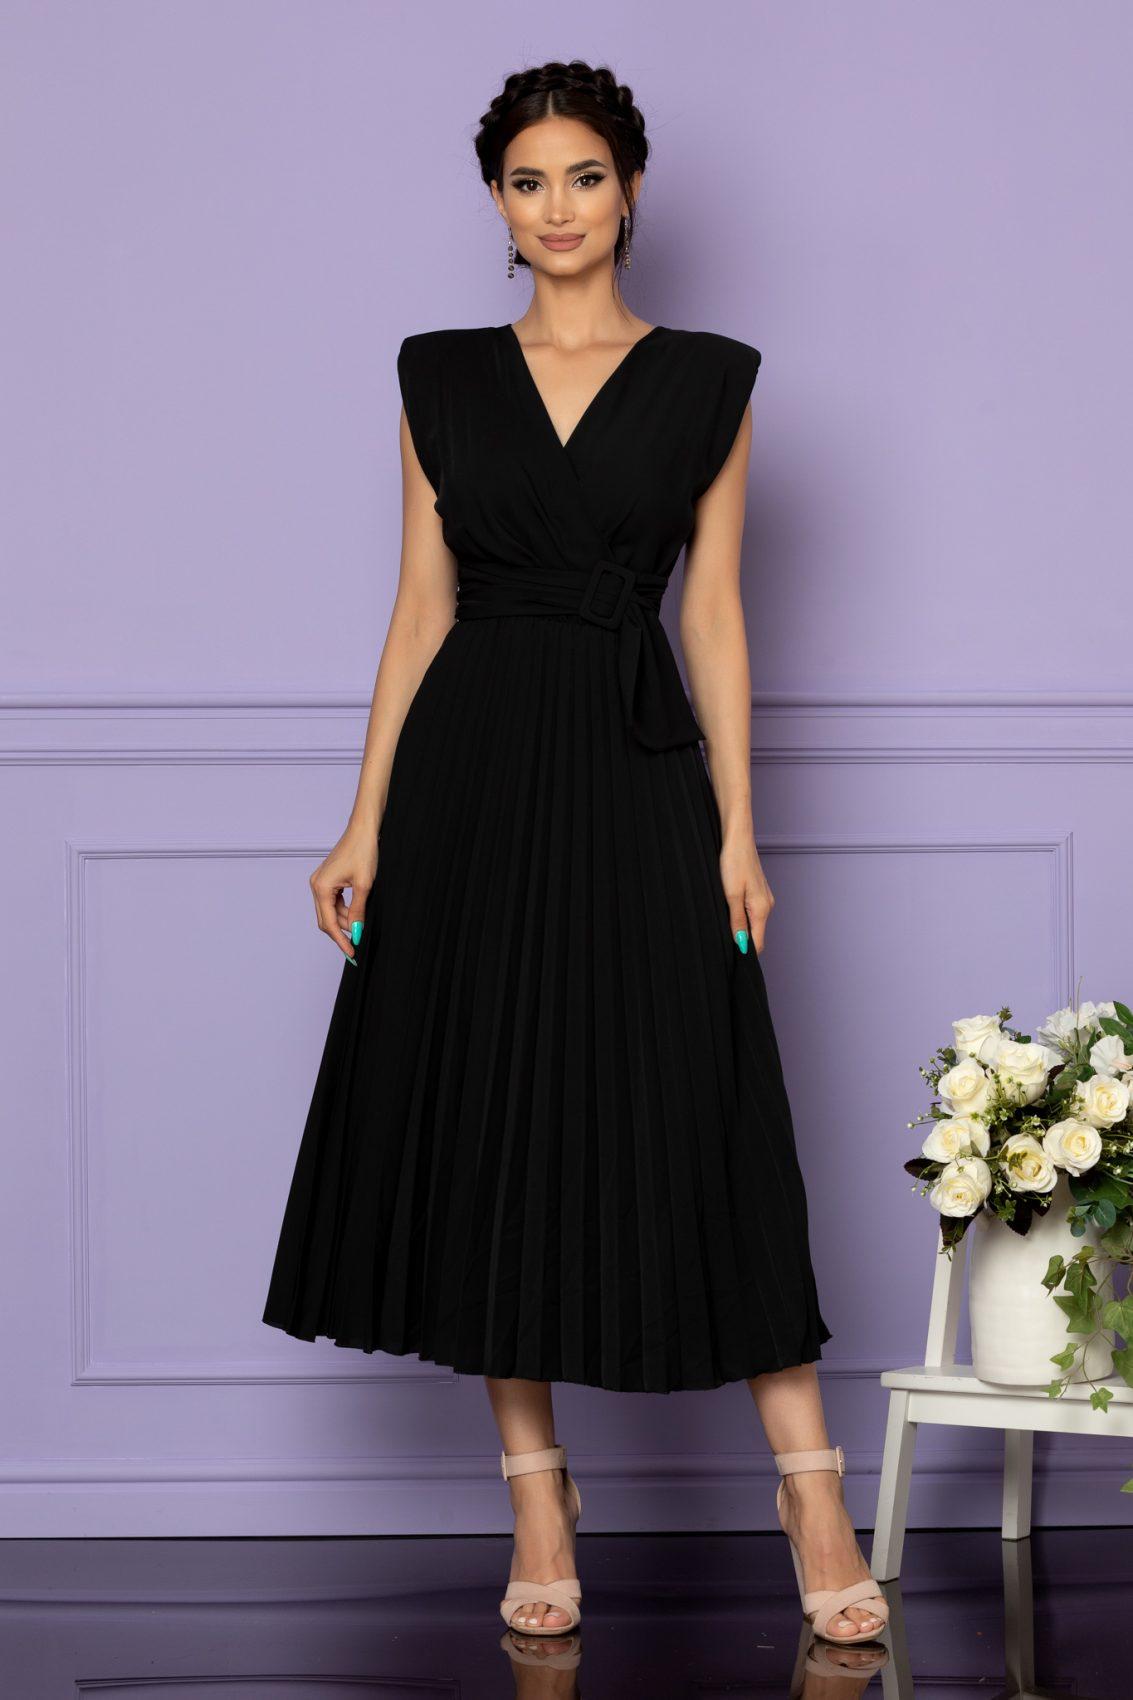 Μαύρο Φόρεμα Με Βάτες Carmen A653 1